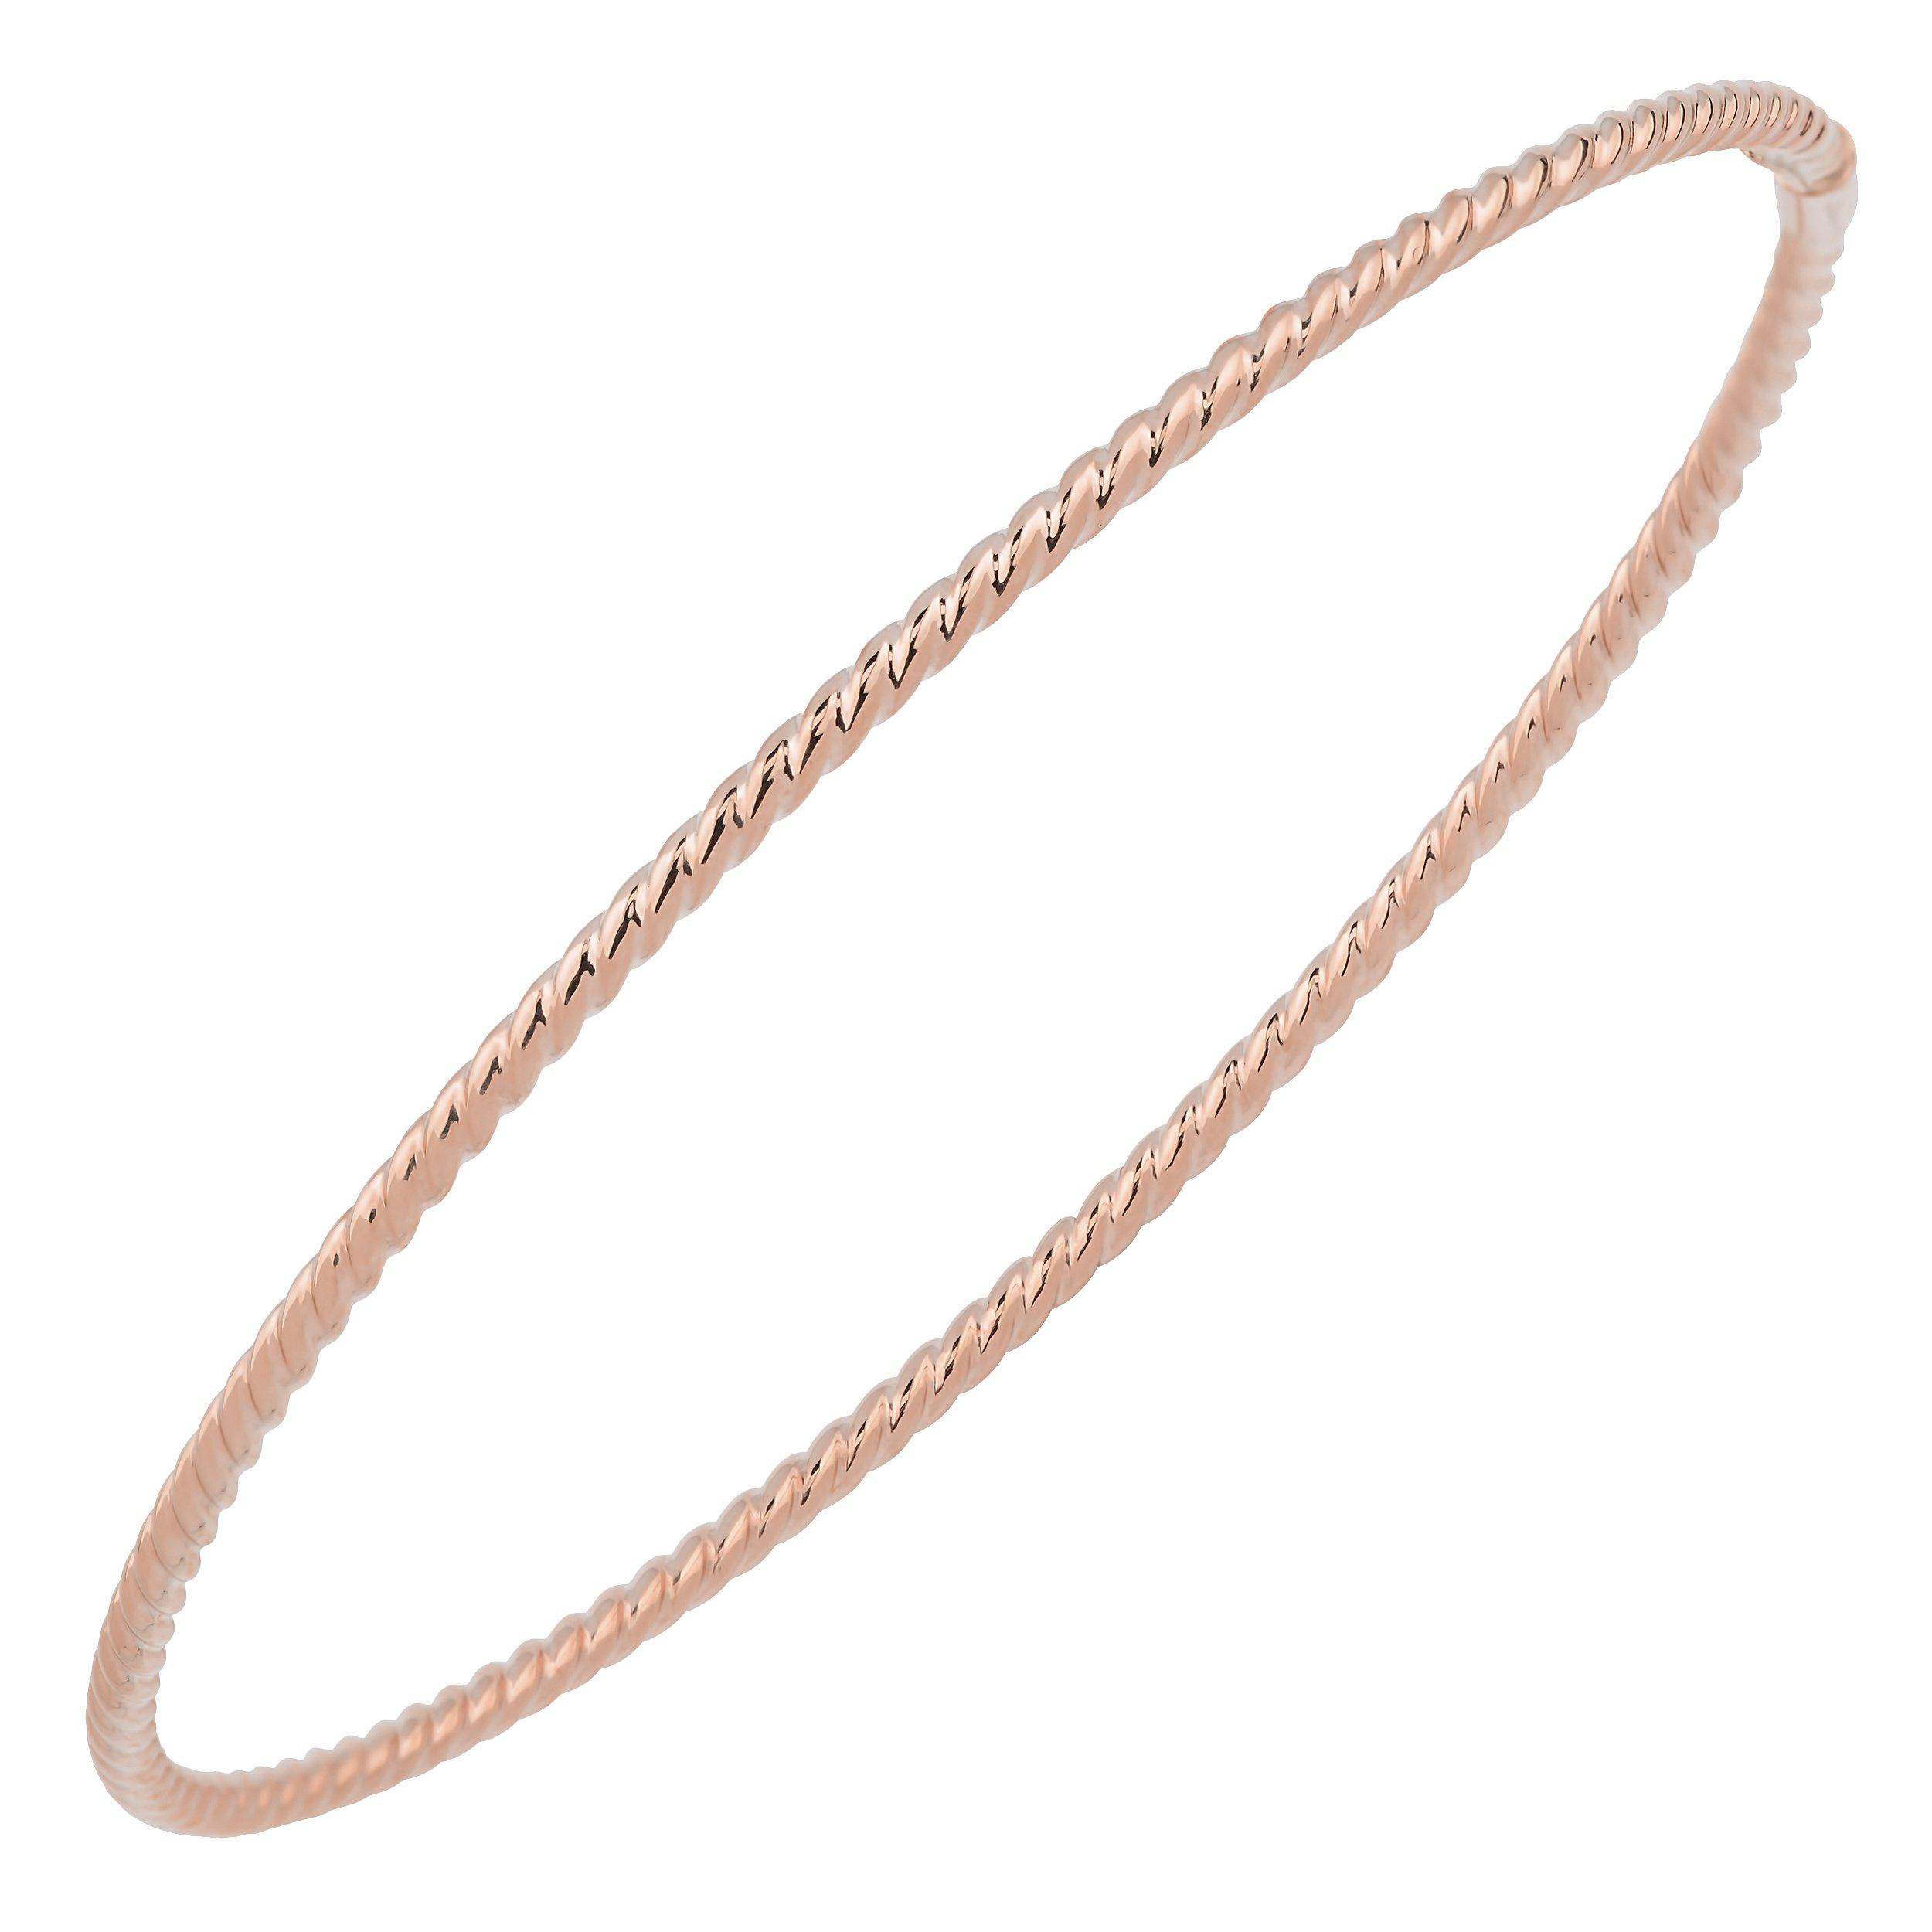 14k Rose Gold 2mm High Polish Twist Design Slip-on Bangle Bracelet